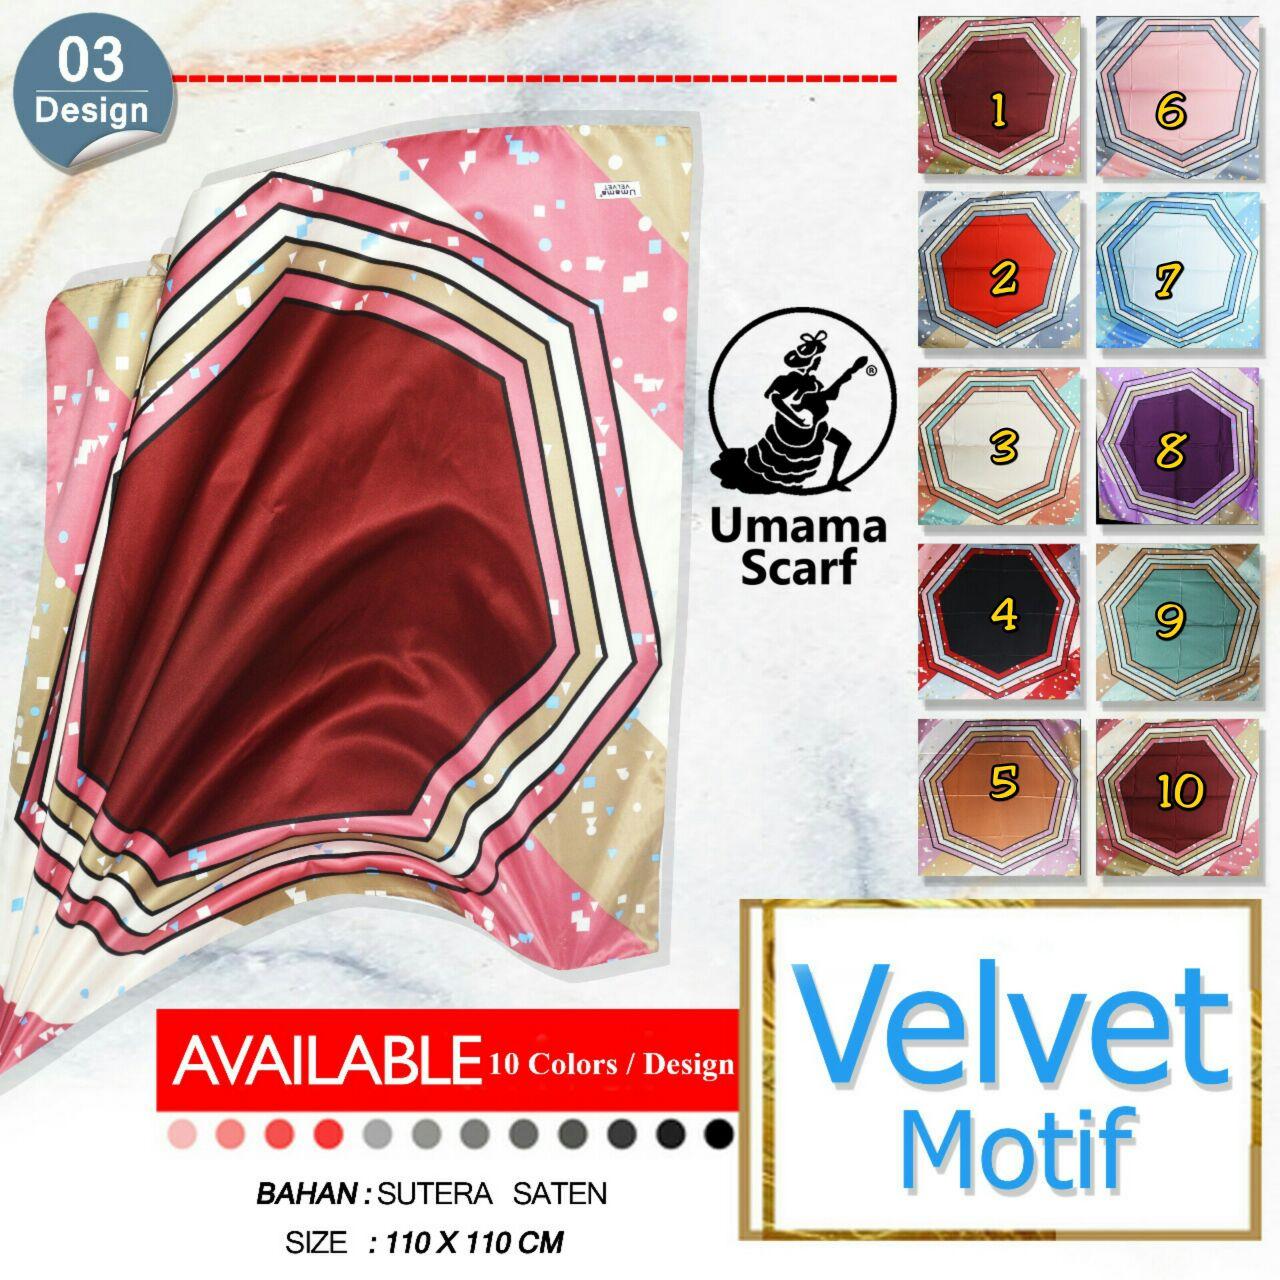 Velvet Motif 25 28 35 440 Umama design 03 SG Jilbab.jpg